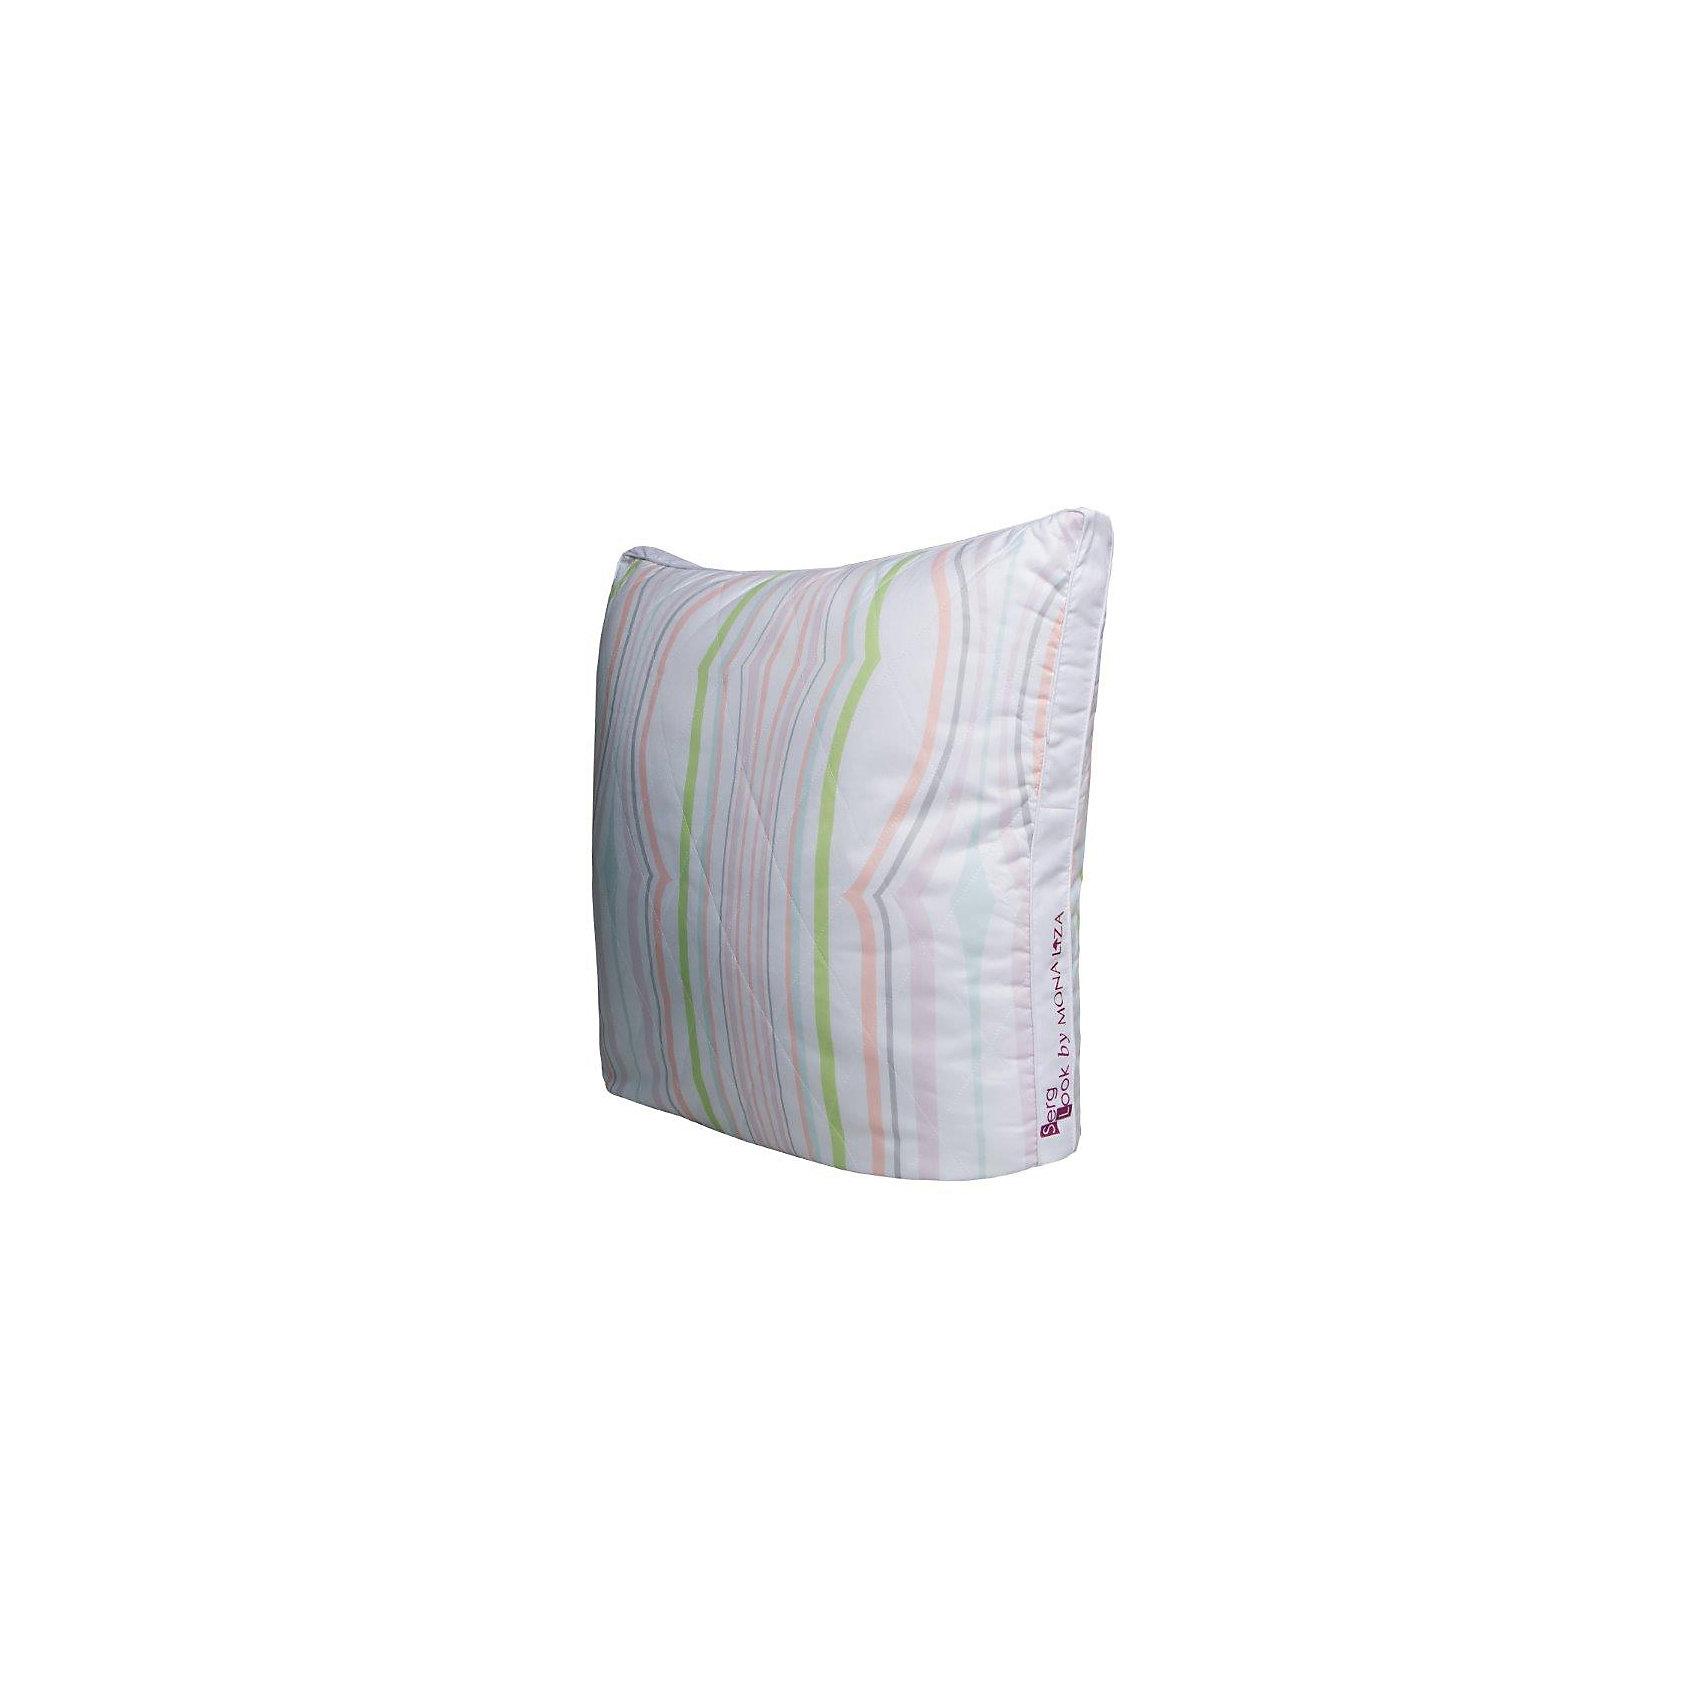 Подушка 70*70 Secret Gardens искусственный тик, Mona LizaДомашний текстиль<br>Характеристики:<br><br>• размер подушки: 70х70 см<br>• стеганый чехол: тик (100% полиэстер)<br>• наполнитель: силиконизированное волокно Лебяжий пух<br>• размер упаковки: 70х20х70 см<br>• вес: 1500 грамм<br><br>Подушка Secret Gardens обеспечивает поддержку головы и шеи за счет высококачественного наполнителя из силиконизированного волокна Лебяжий пух. Кроме того, подушка устойчива к изменению формы при давлении и механическом воздействии. <br><br>Материал чехла выполнен из качественного полиэстера, приятного телу. Стёжка препятствует движению наполнителя внутри подушки. Secret Gardens обеспечит вам комфорт и здоровый сон!<br><br>Подушку 70*70 Secret Gardens искусственный тик, Mona Liza (Мона Лиза) вы можете купить в нашем интернет-магазине.<br><br>Ширина мм: 700<br>Глубина мм: 200<br>Высота мм: 700<br>Вес г: 1500<br>Возраст от месяцев: 84<br>Возраст до месяцев: 600<br>Пол: Унисекс<br>Возраст: Детский<br>SKU: 6765308